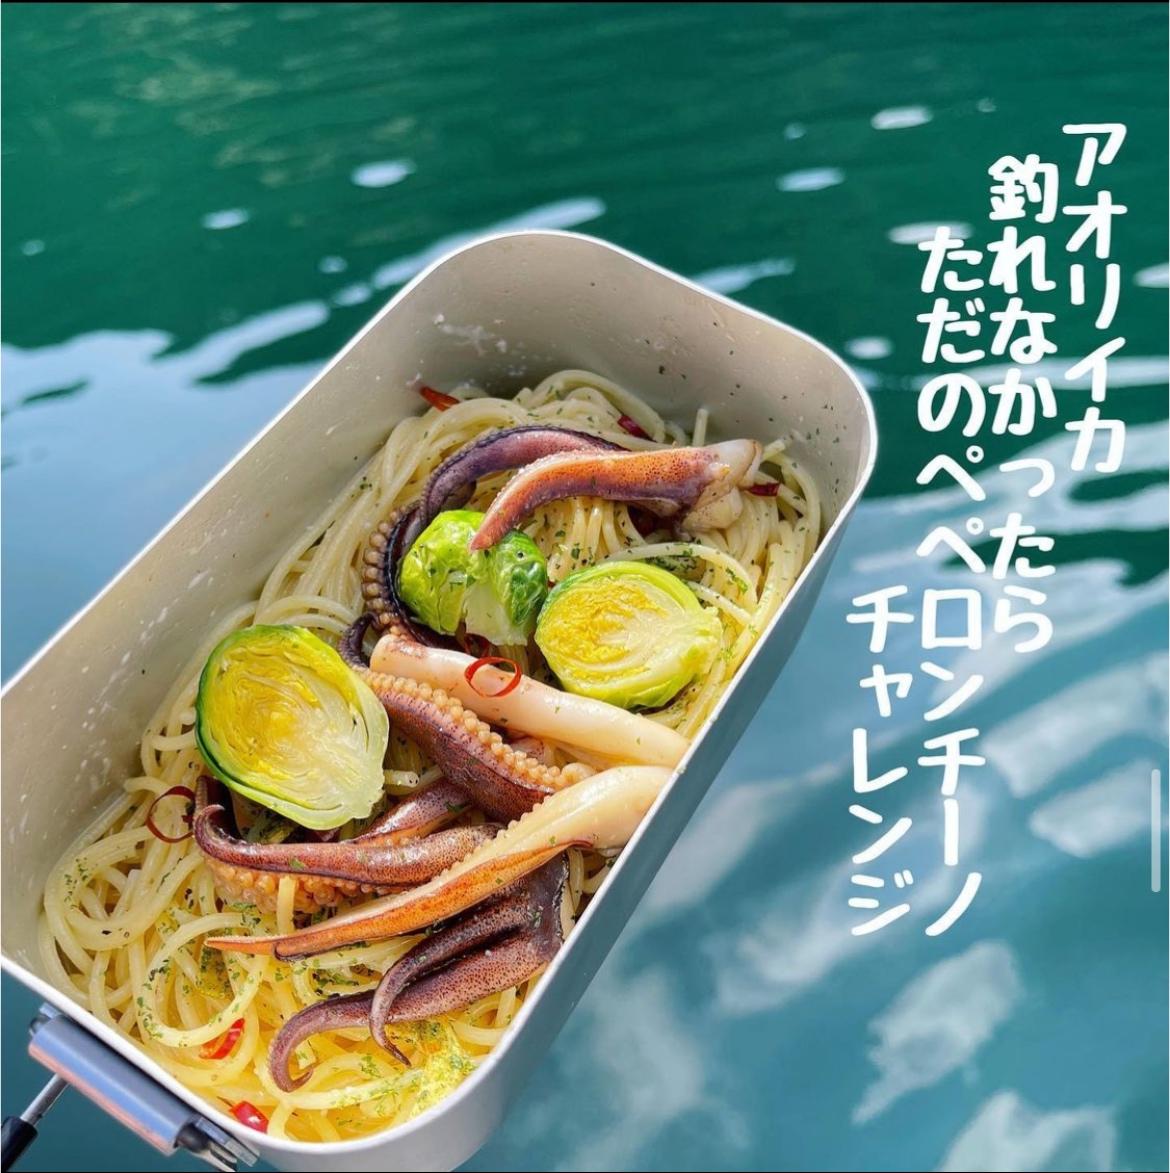 釣りキャン/アオリイカ/ピスケス